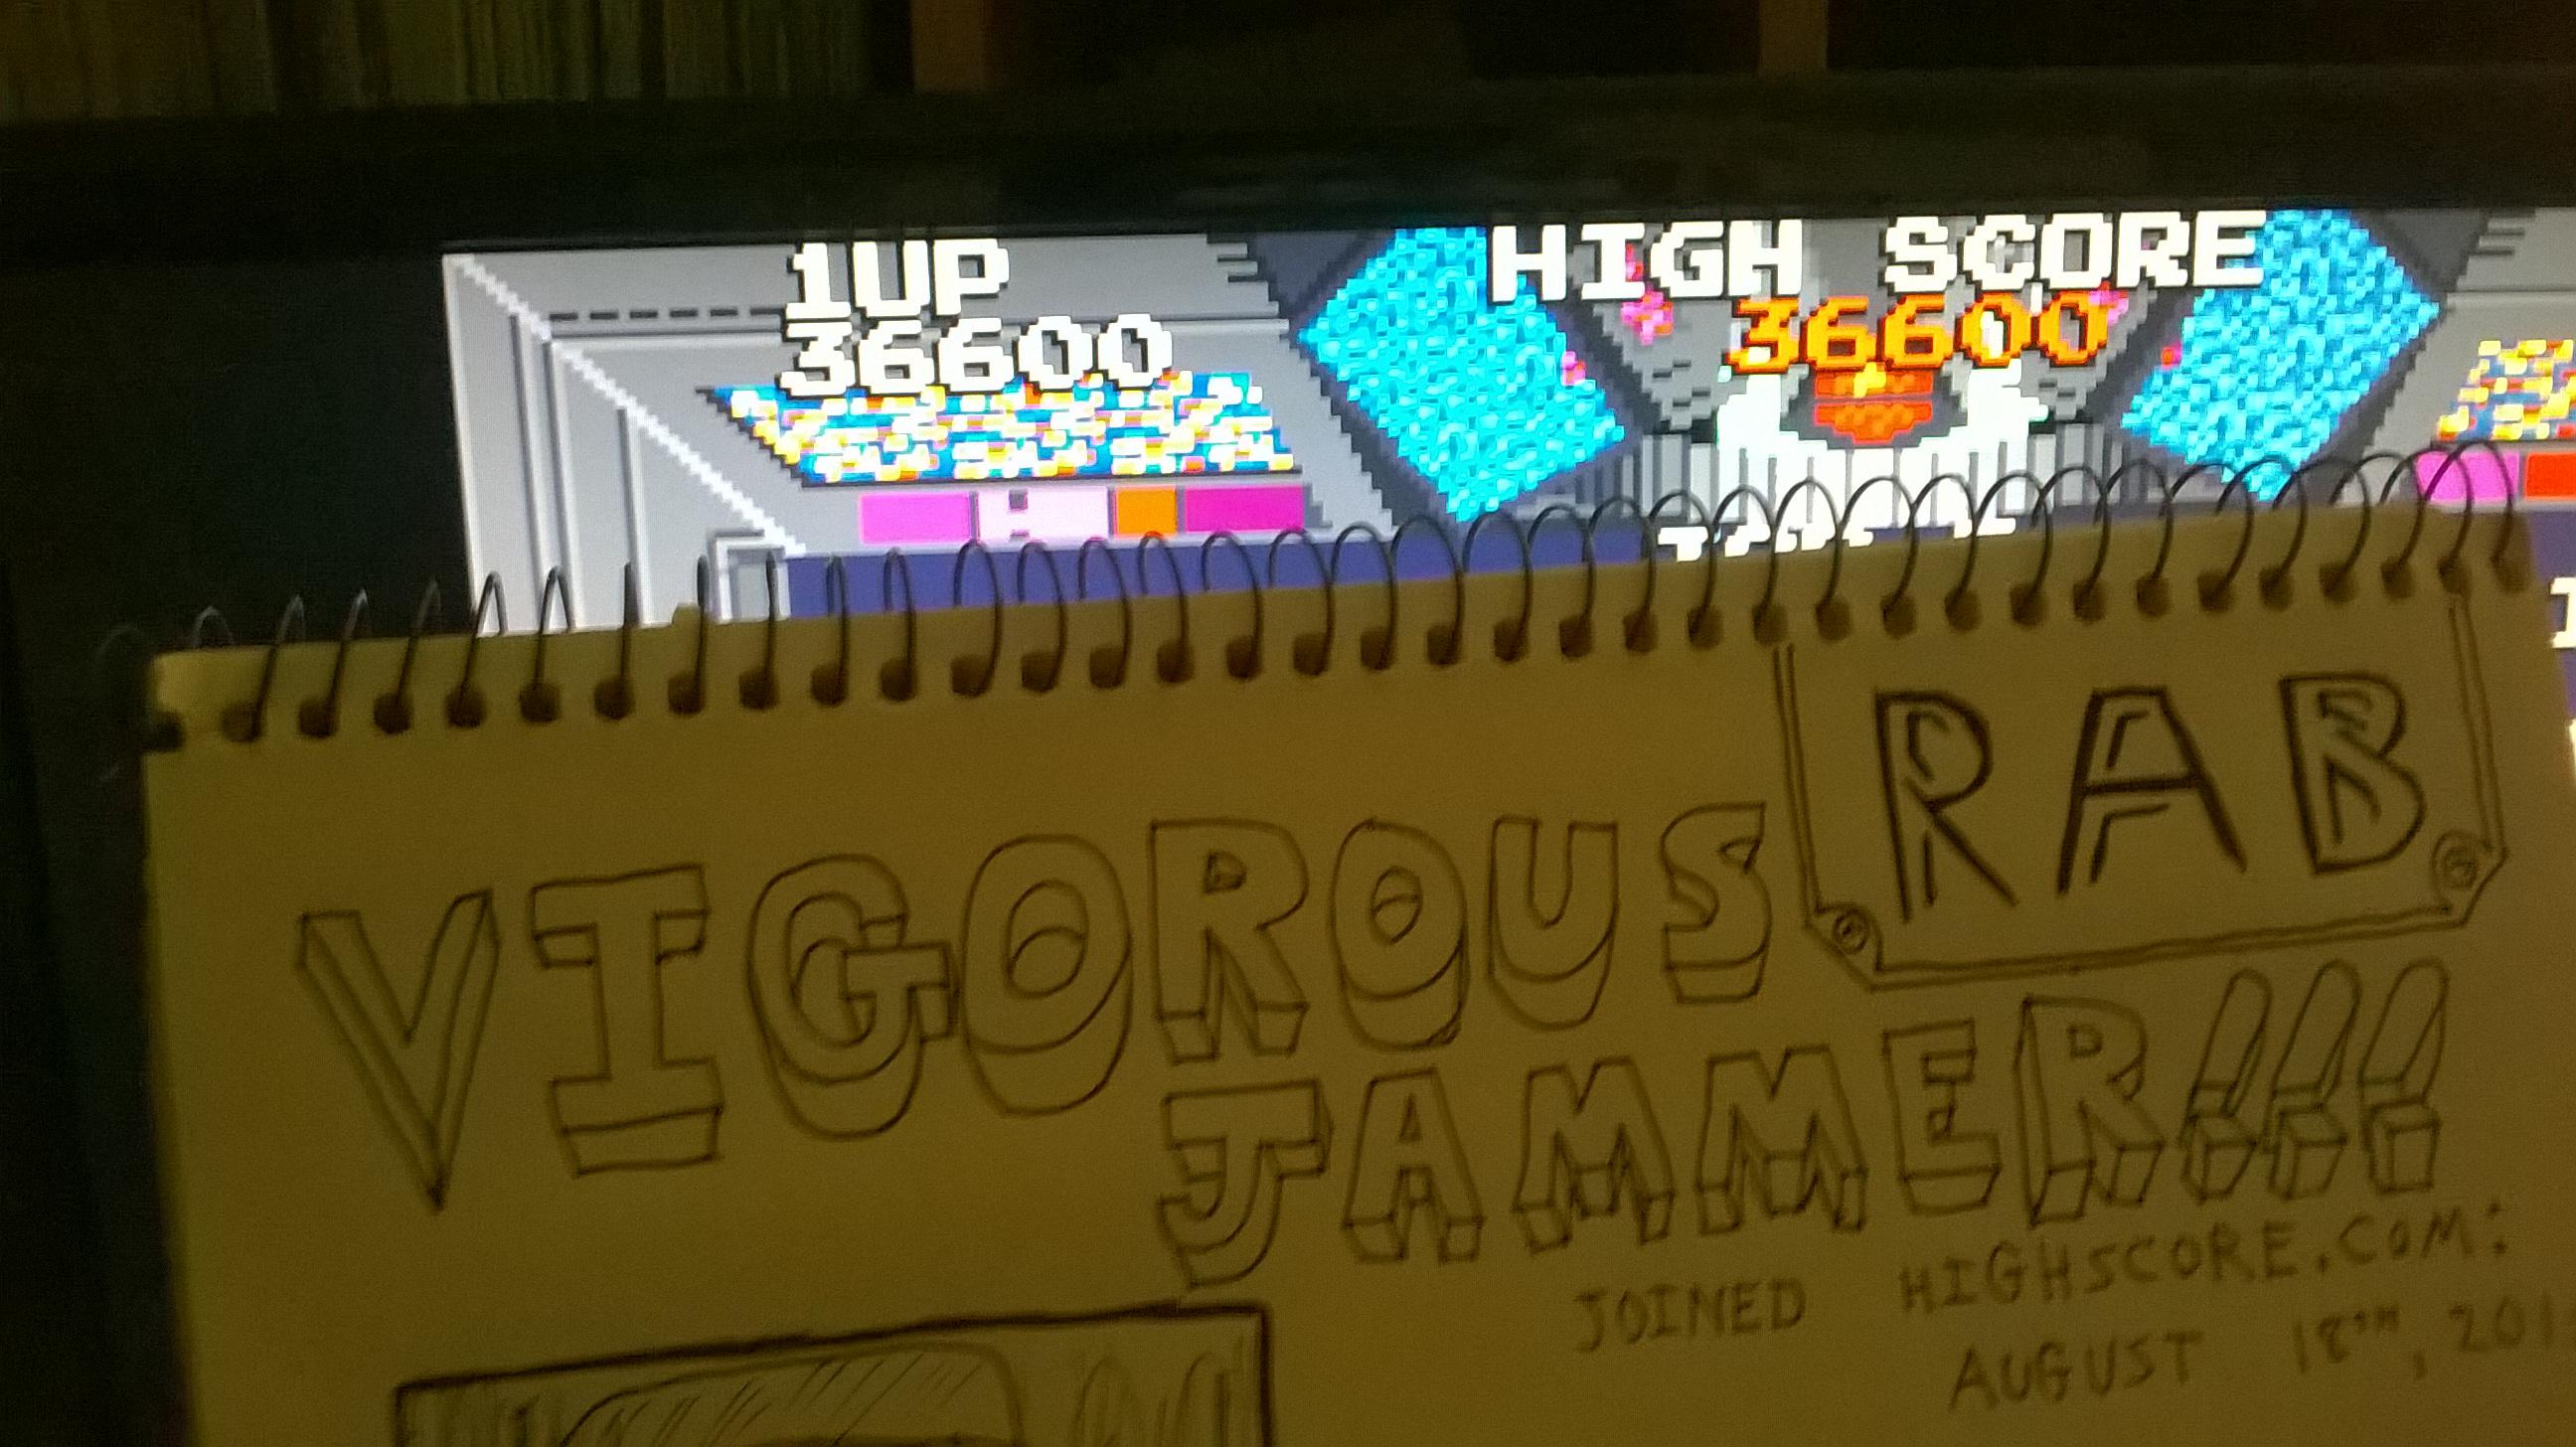 vigorousjammer: Rolling Thunder [rthunder] (Arcade Emulated / M.A.M.E.) 36,600 points on 2015-08-22 13:55:11